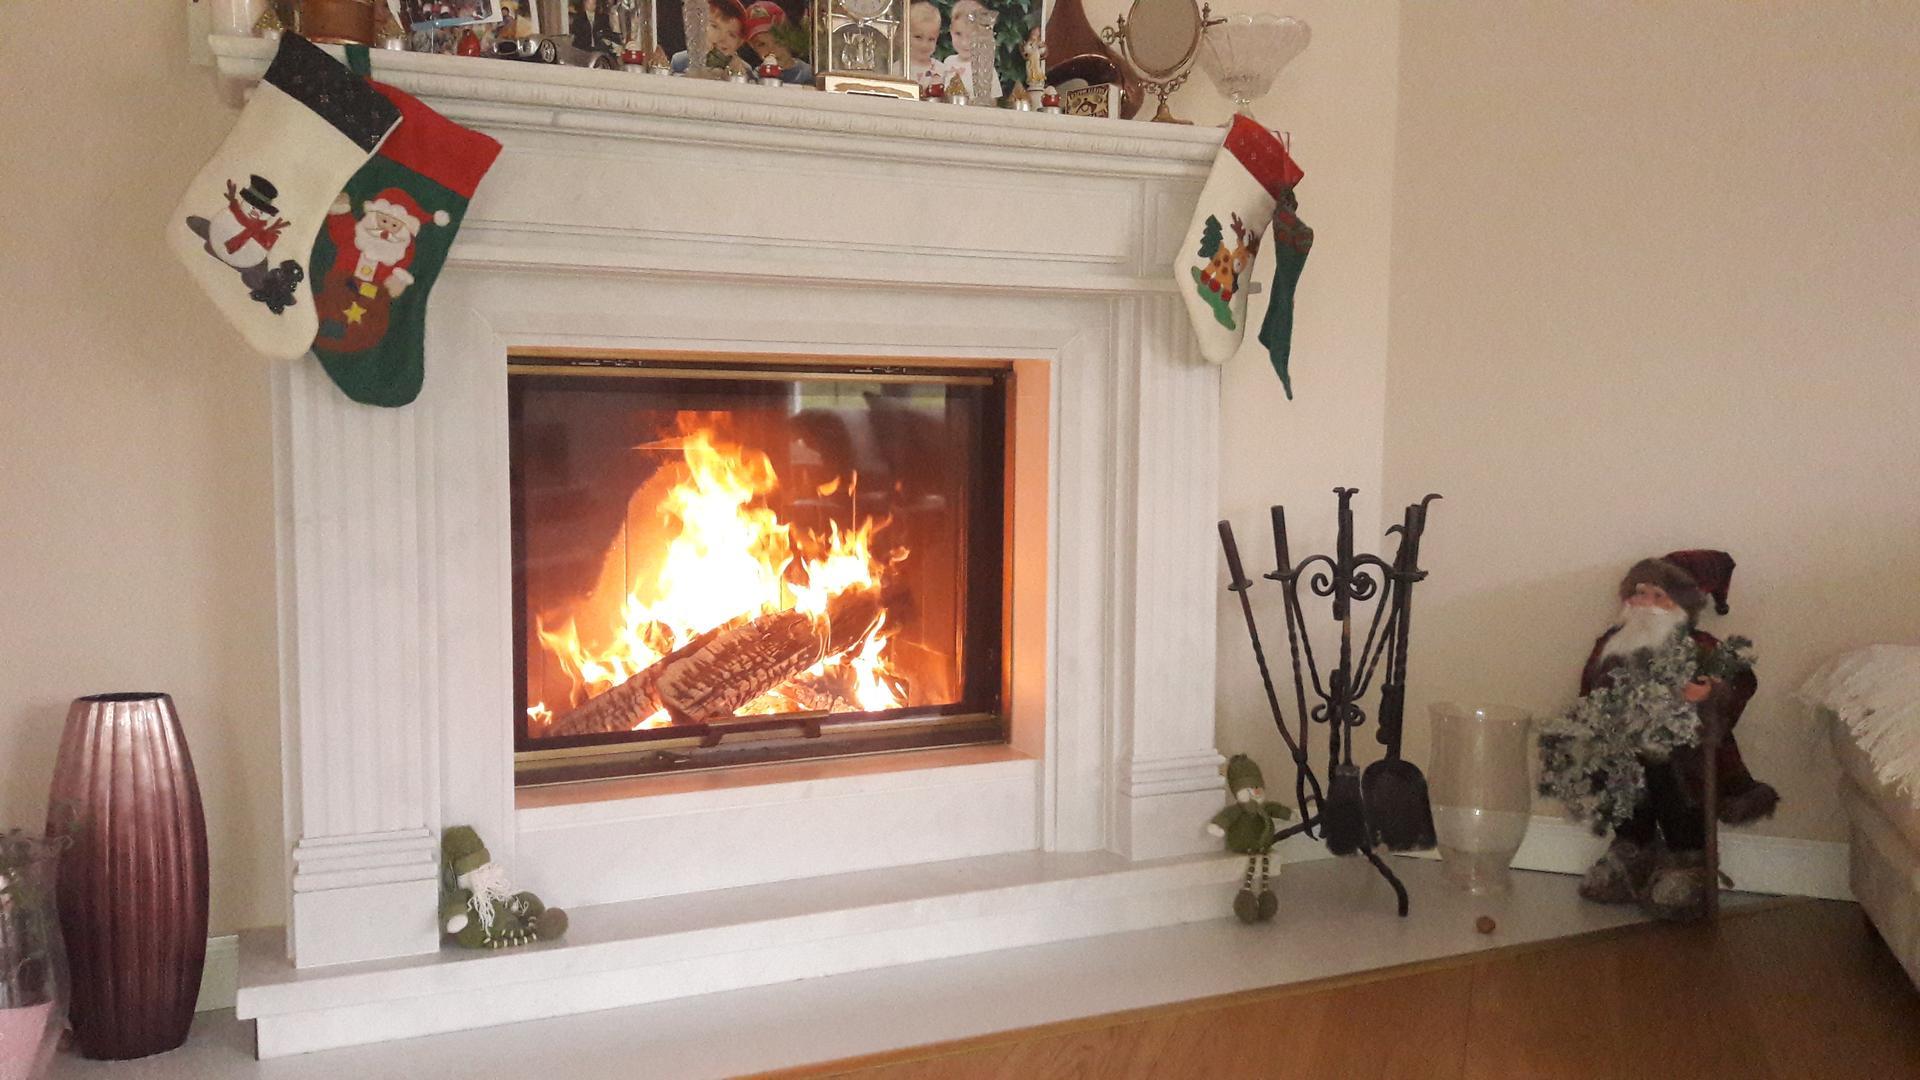 Náš mramorový portál, krbová vložka  15kw... vianoce s čarom a teplom ;-) - Obrázok č. 1